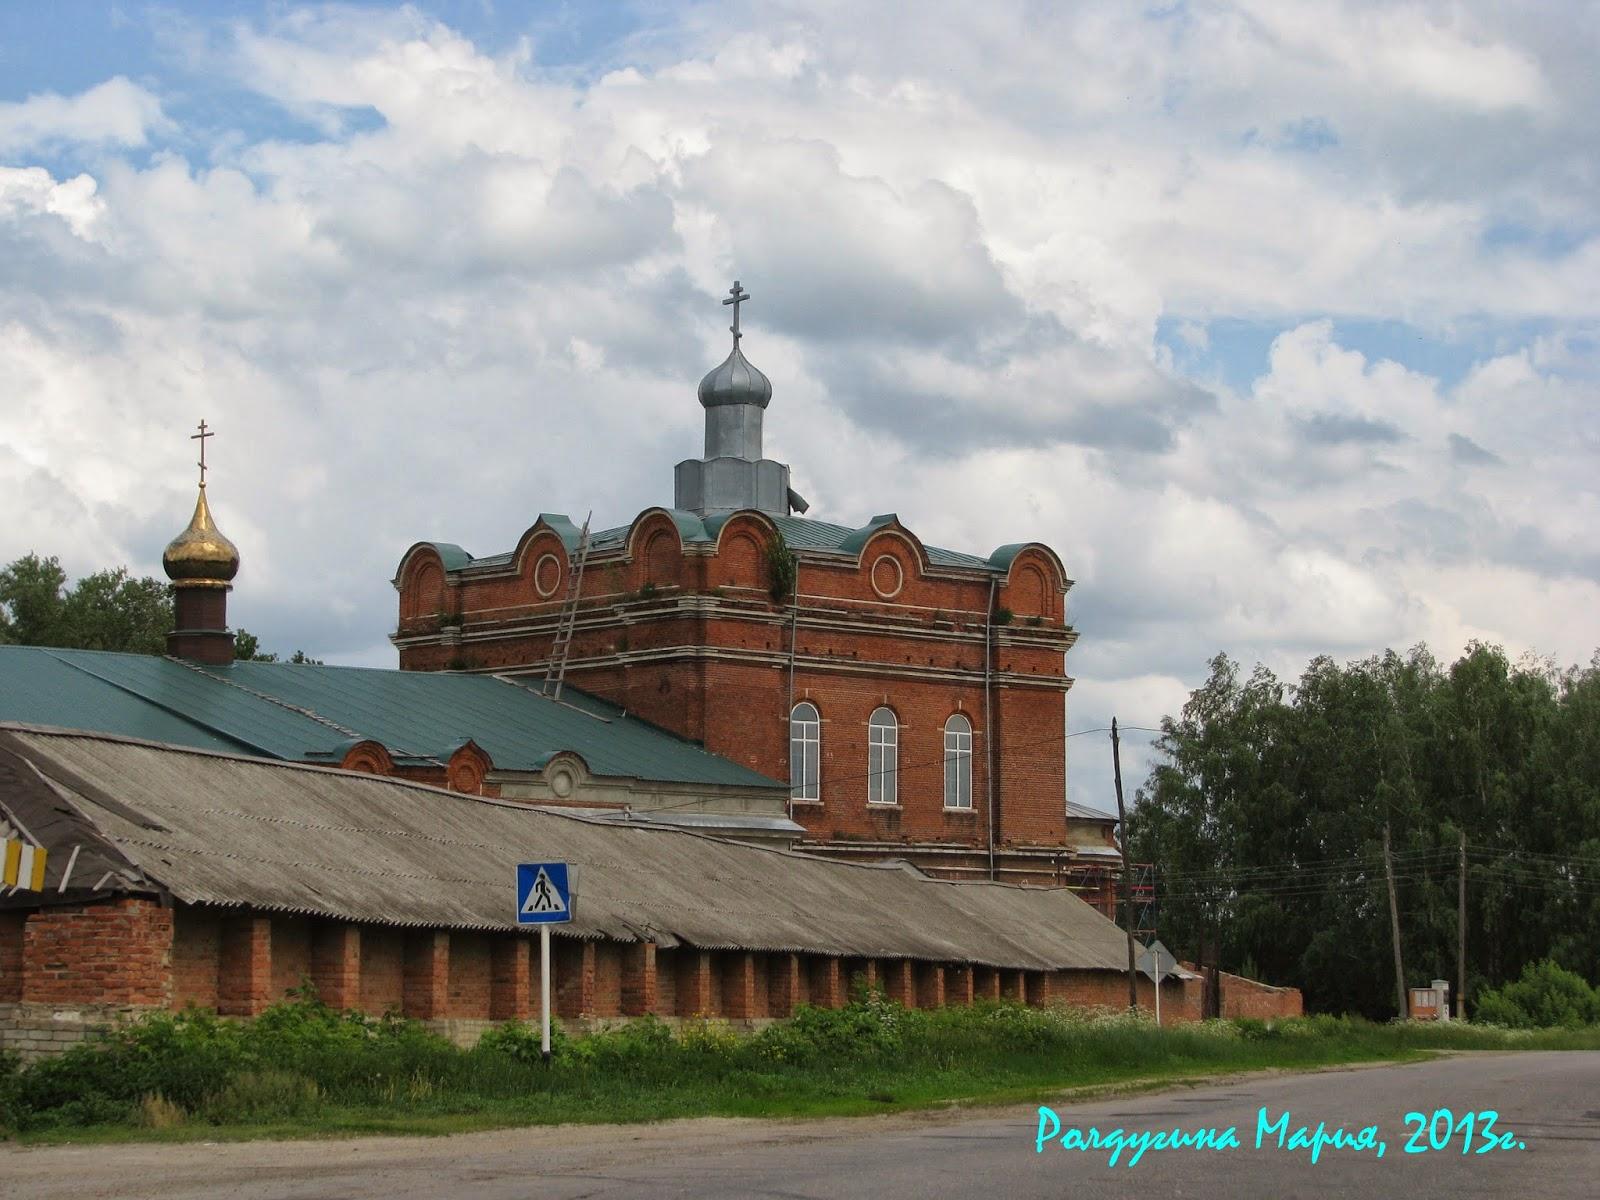 с.Дегтяное, Ряжский район, Рязанская область